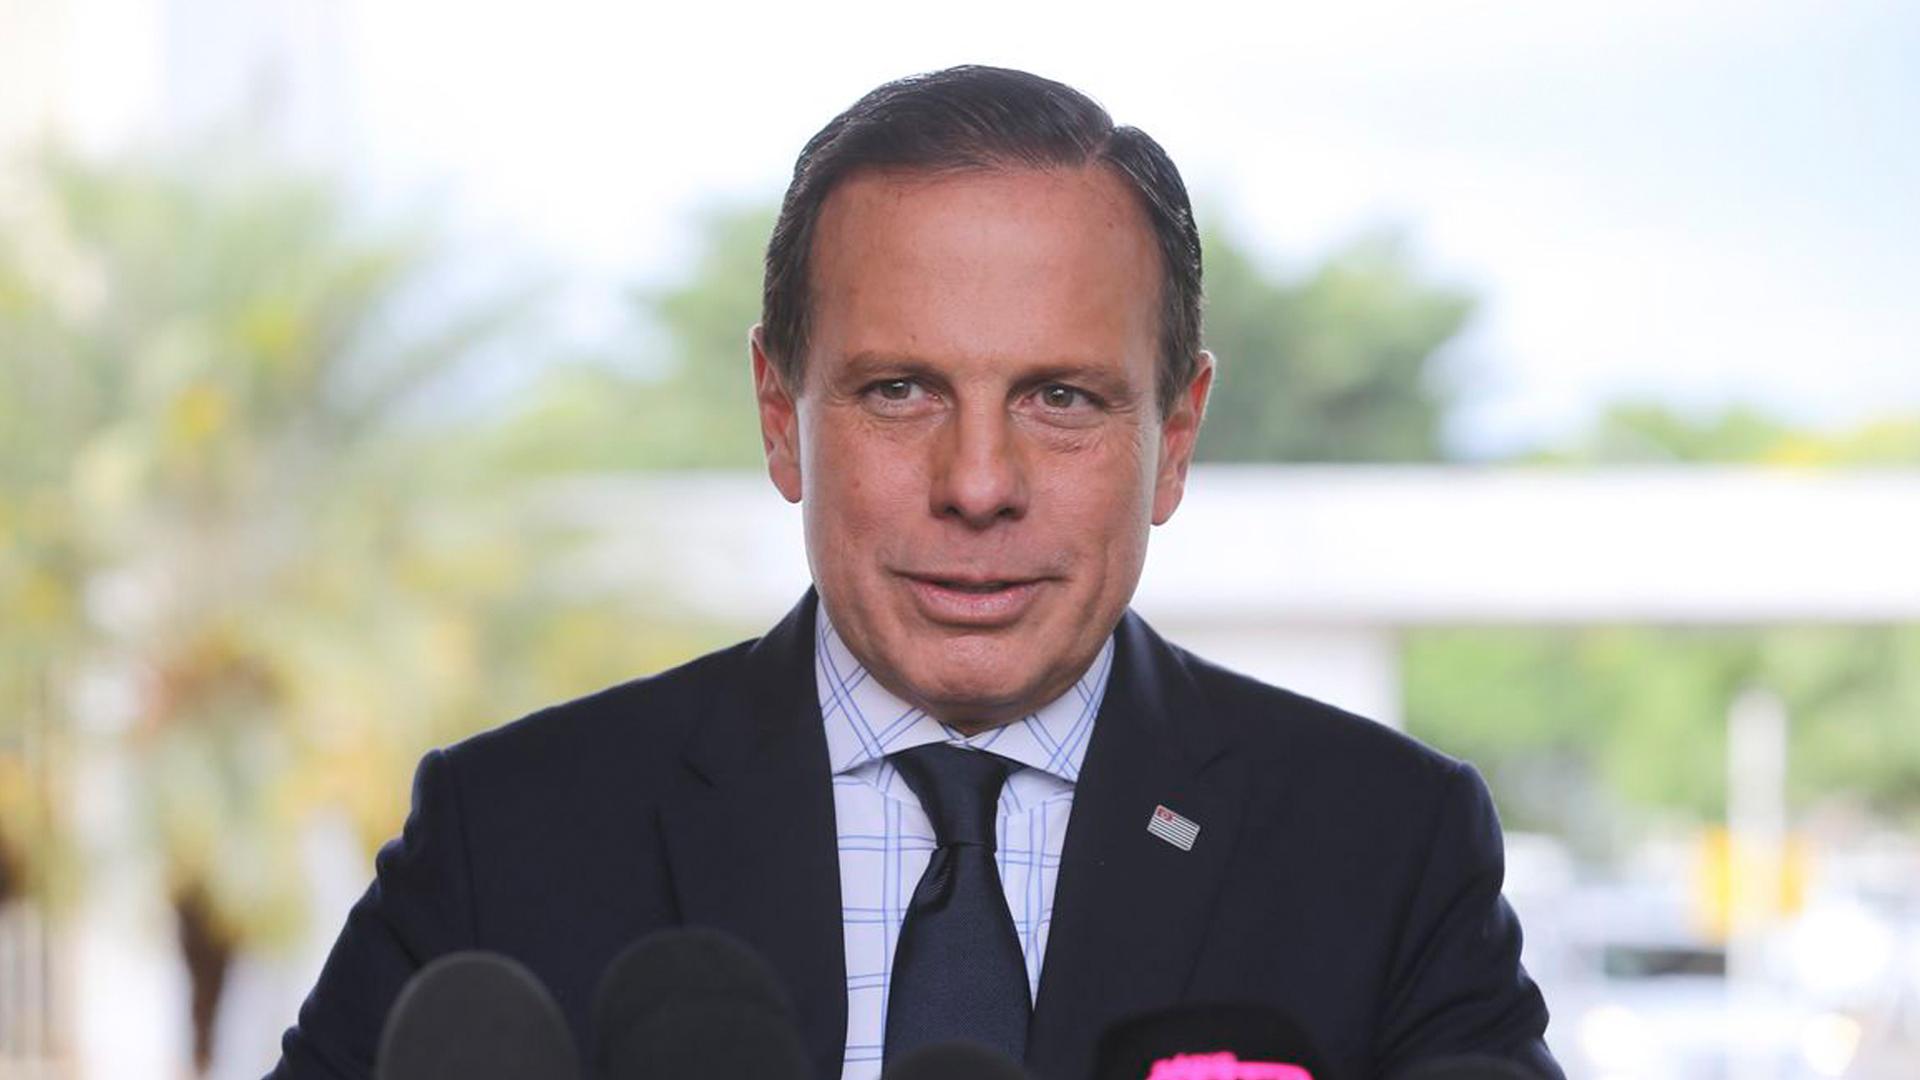 El gobernador de Sao Paulo, Jorge Doria, es uno de los hombres que se encuentra enfrentado a Bolsonaro por las medidas contra el Coronavirus. Foto: Archivo DEF.